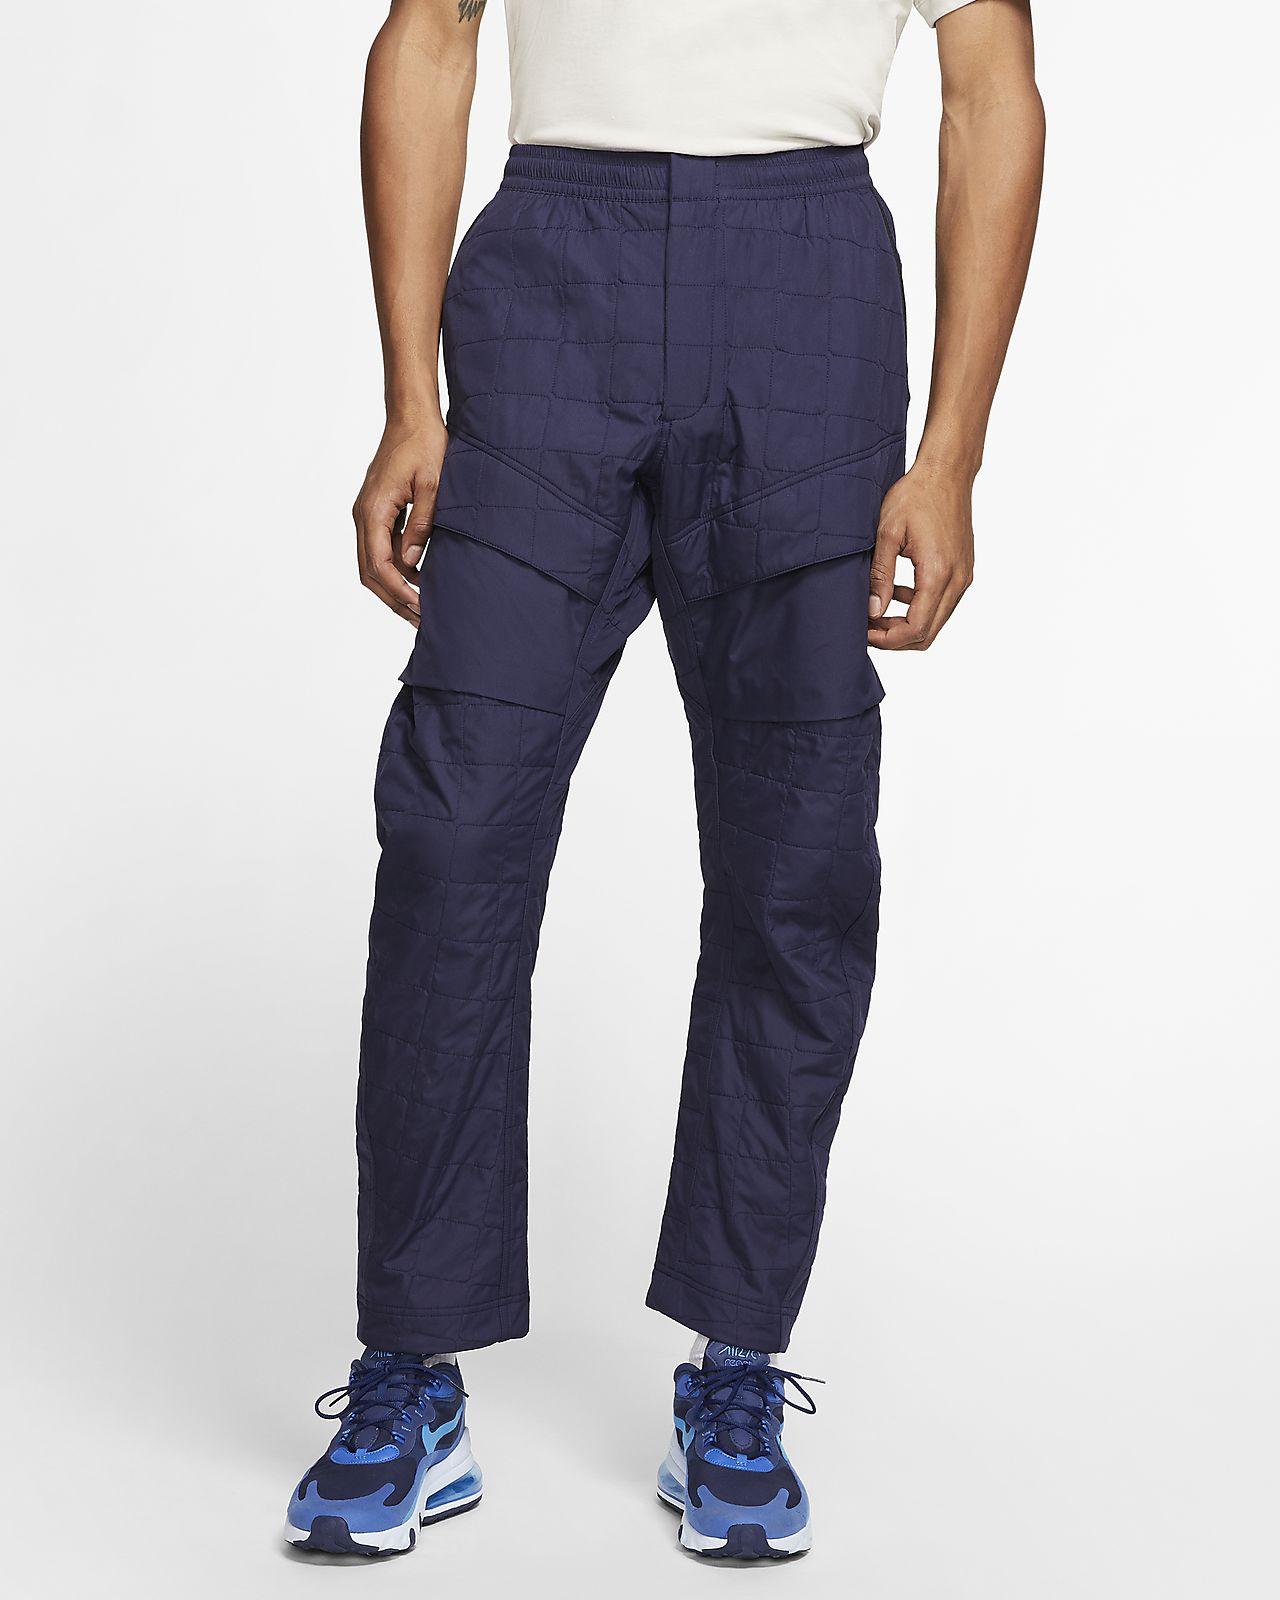 Nike Sportswear Tech Pack Woven Trousers